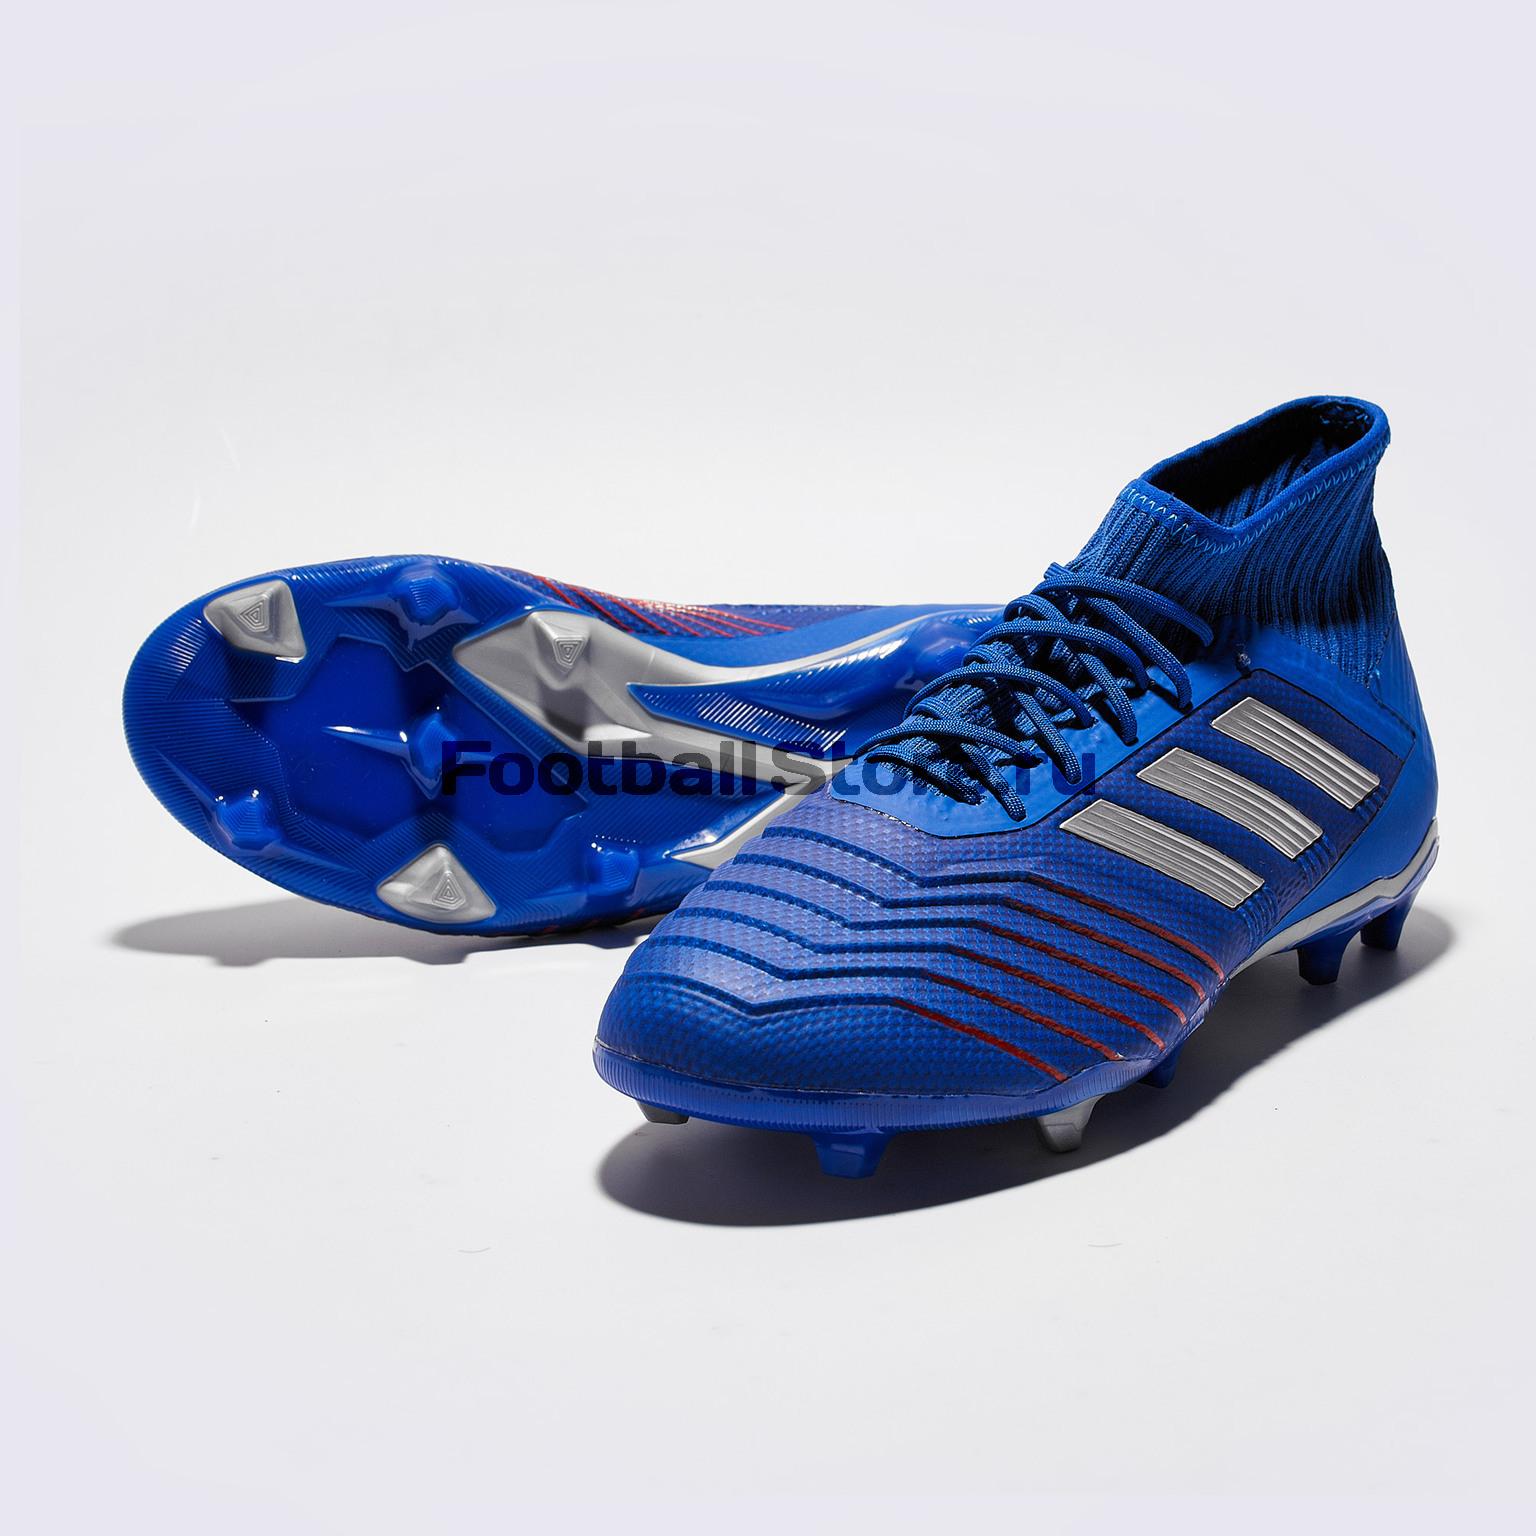 8f18b207 Футбольная обувь adidas predator panteevina.ga